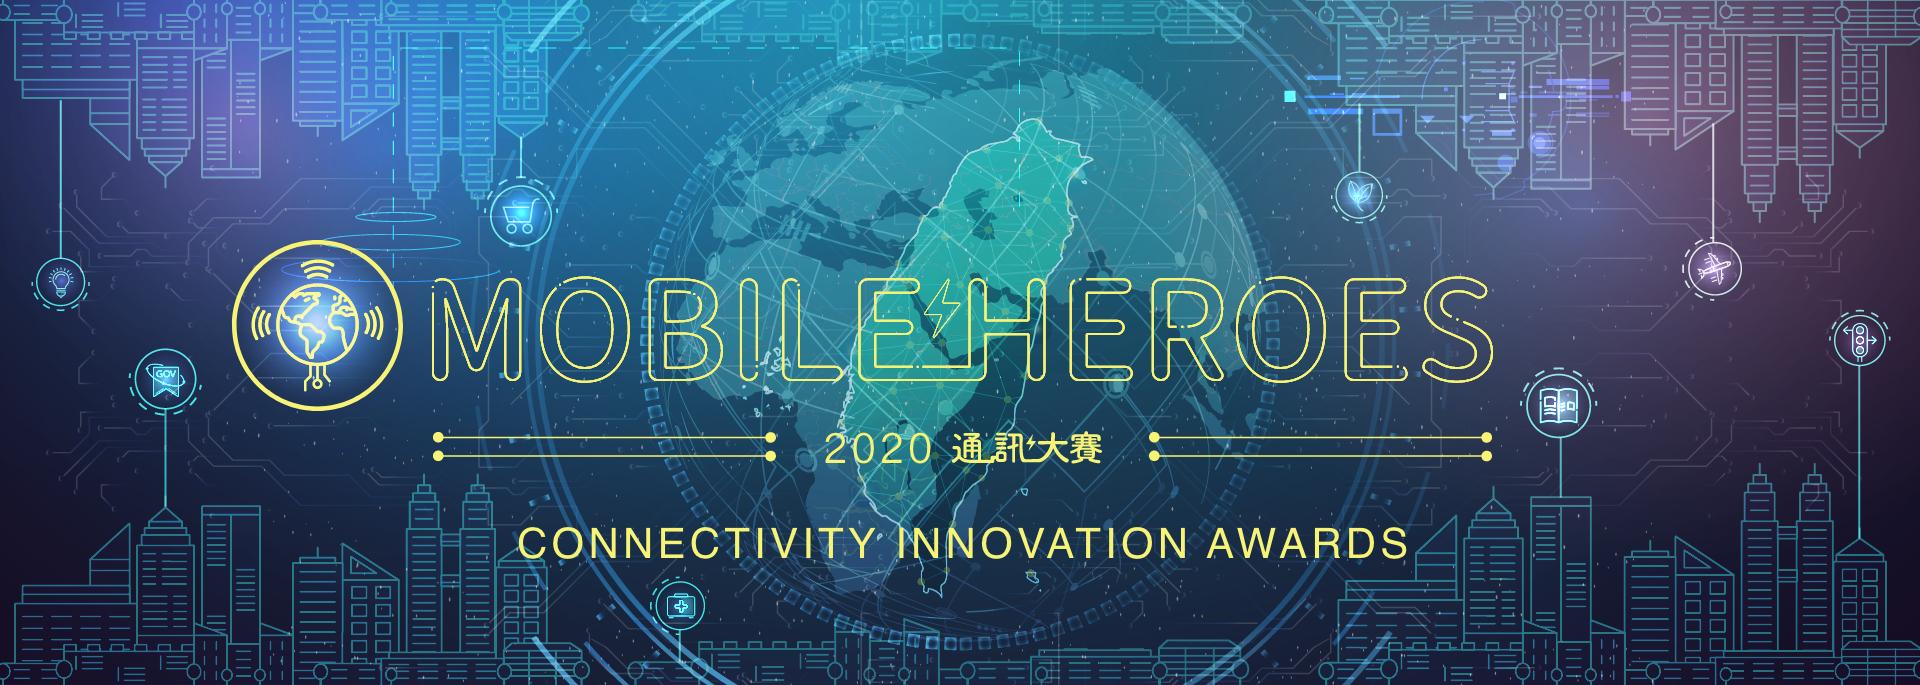 Международный конкурс инноваций MobileHeroes